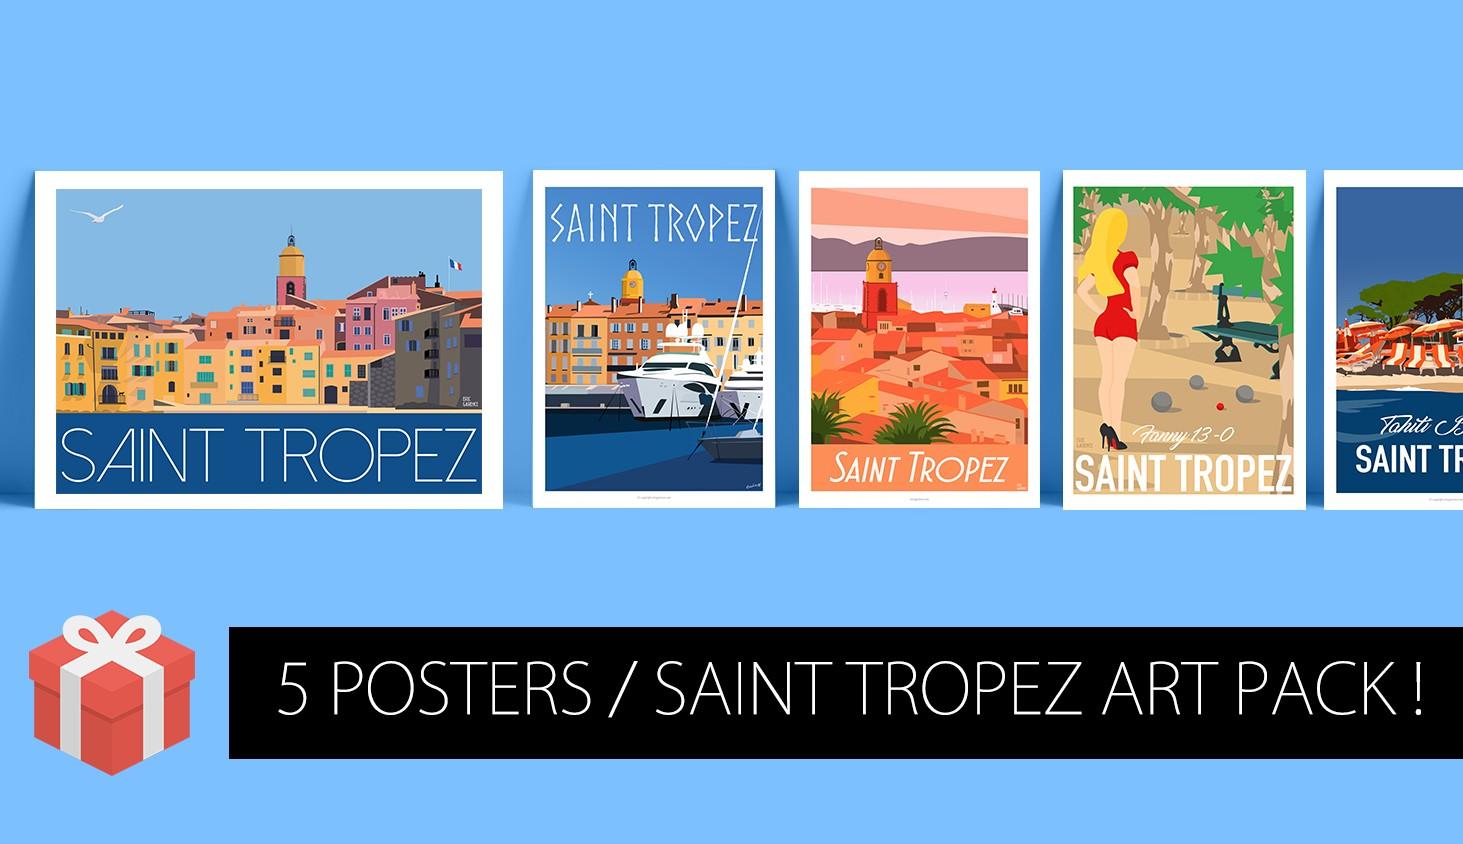 Art Pack Saint Tropez, 2018